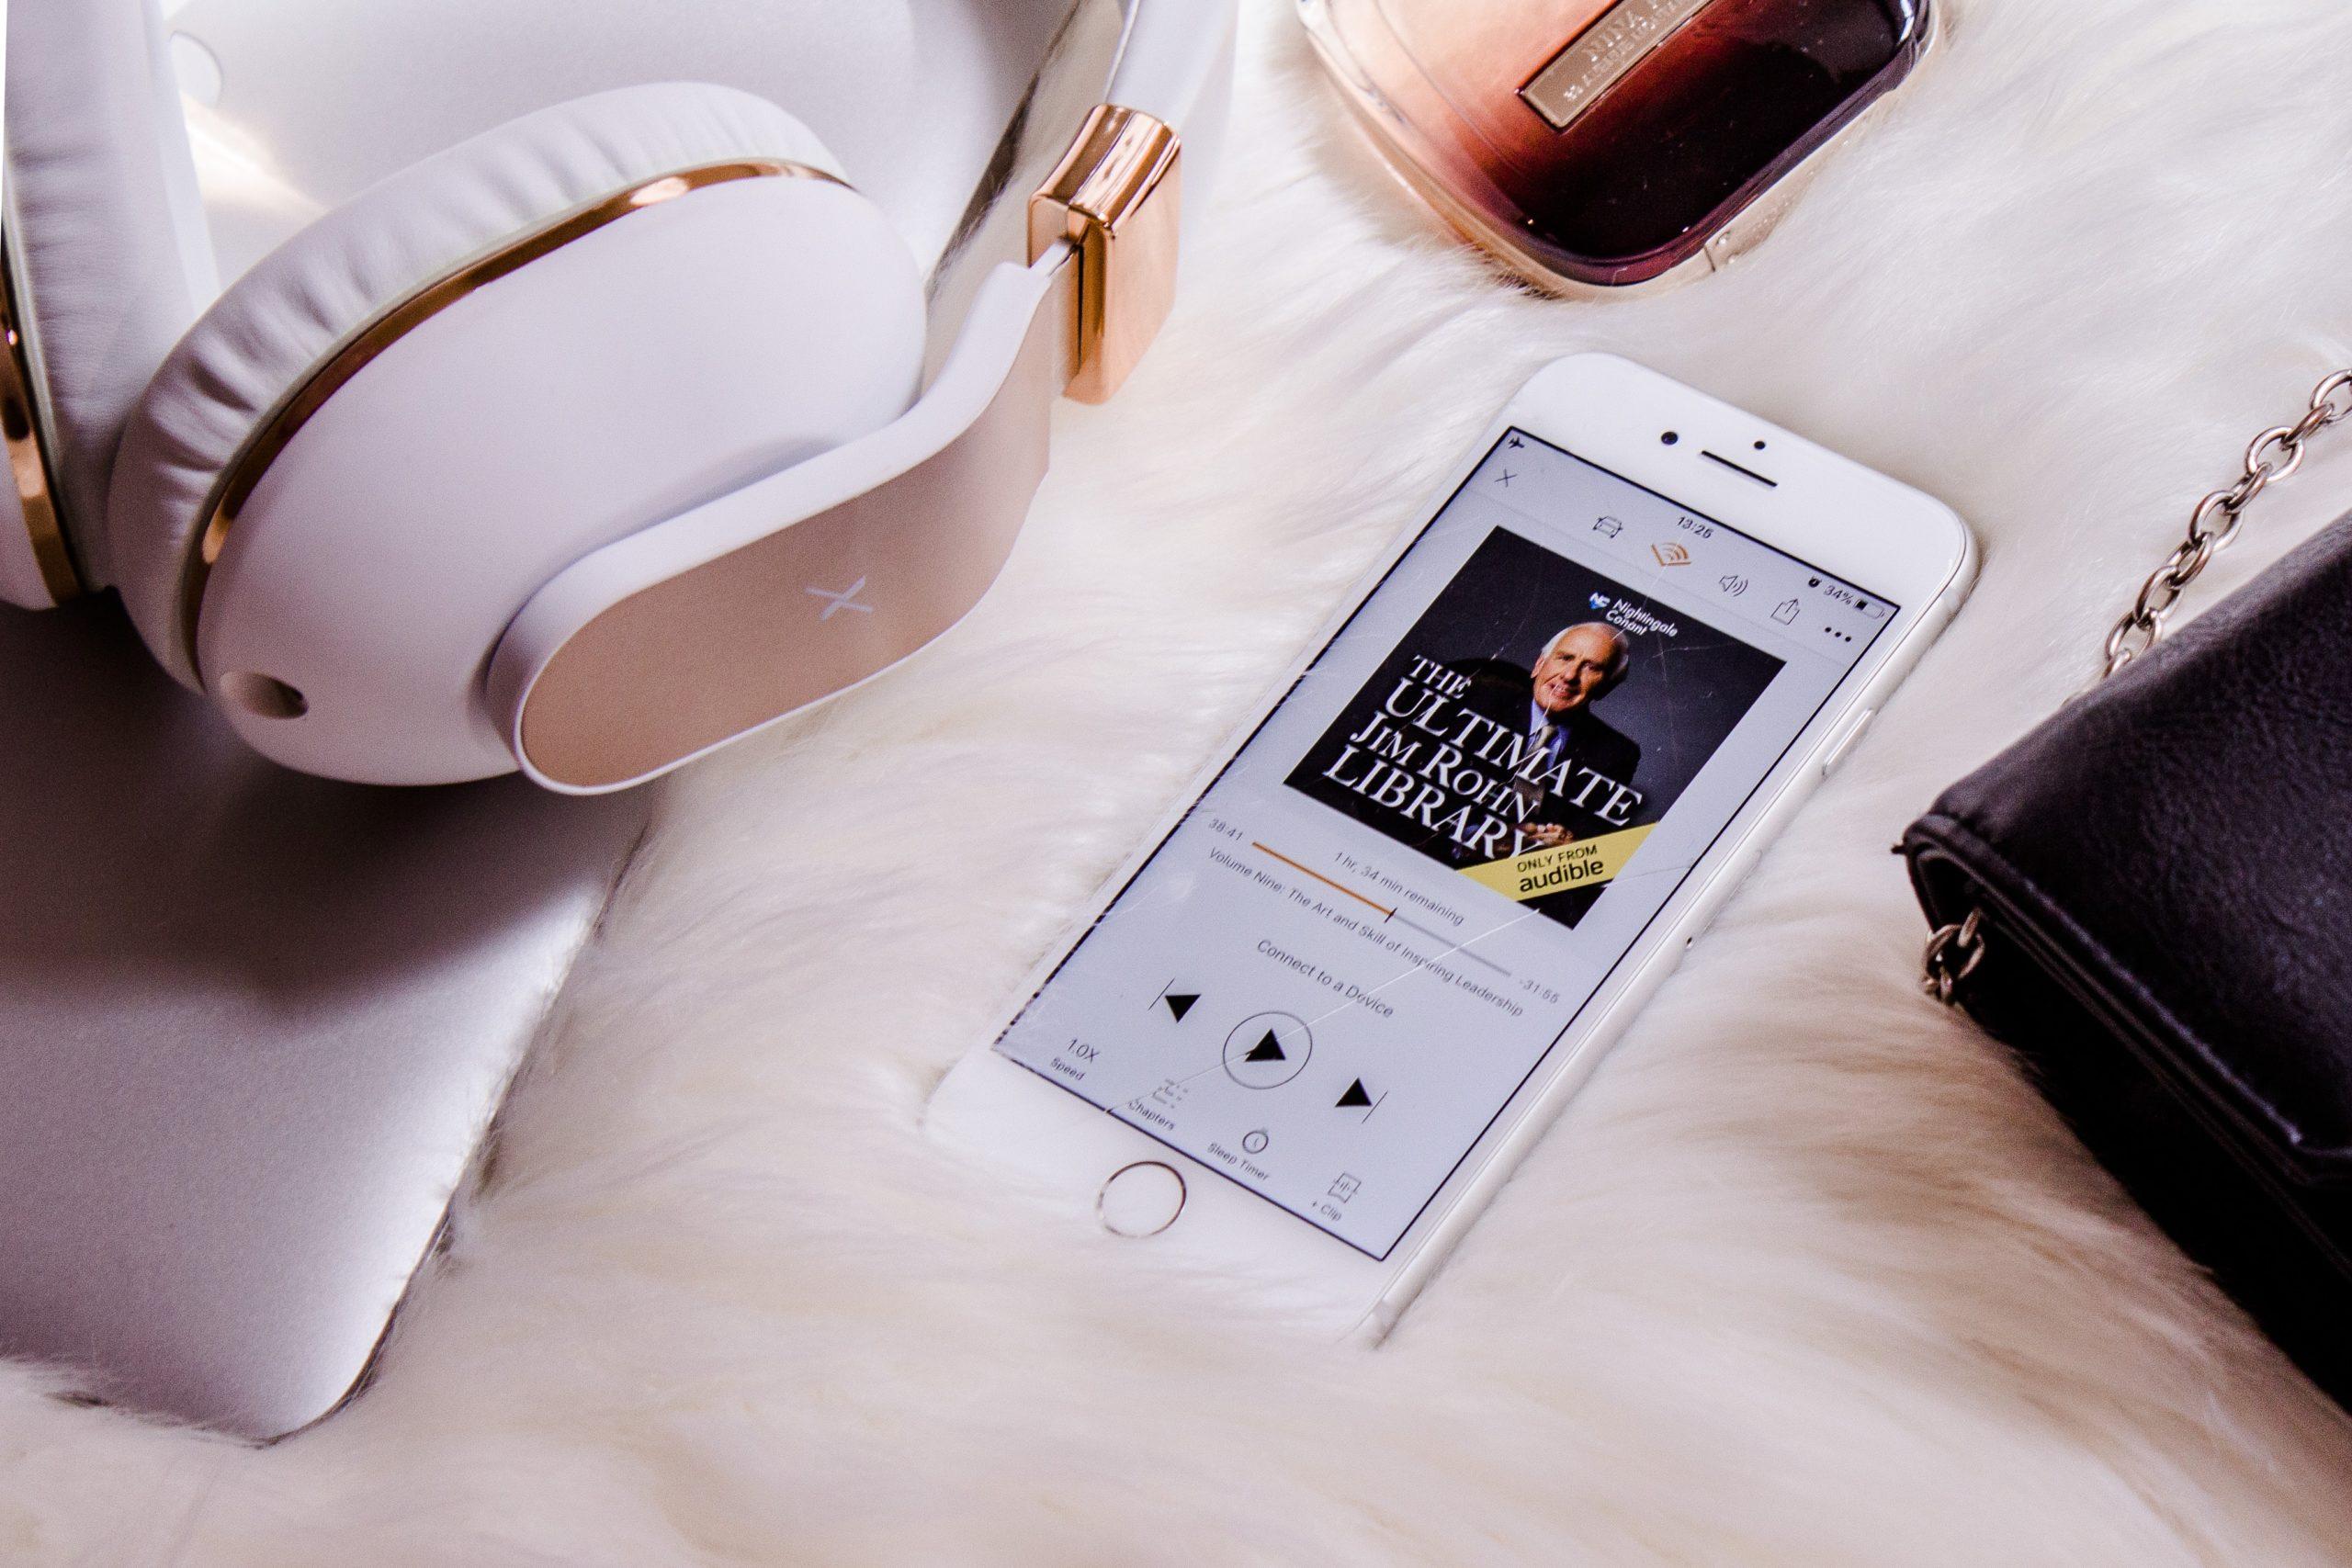 アマゾンオーディオブック(AmazonAudioBook)オーディブル(Audible)とは何口コミや評判は1つのデメリット、6つのメリットも合わせて解説!